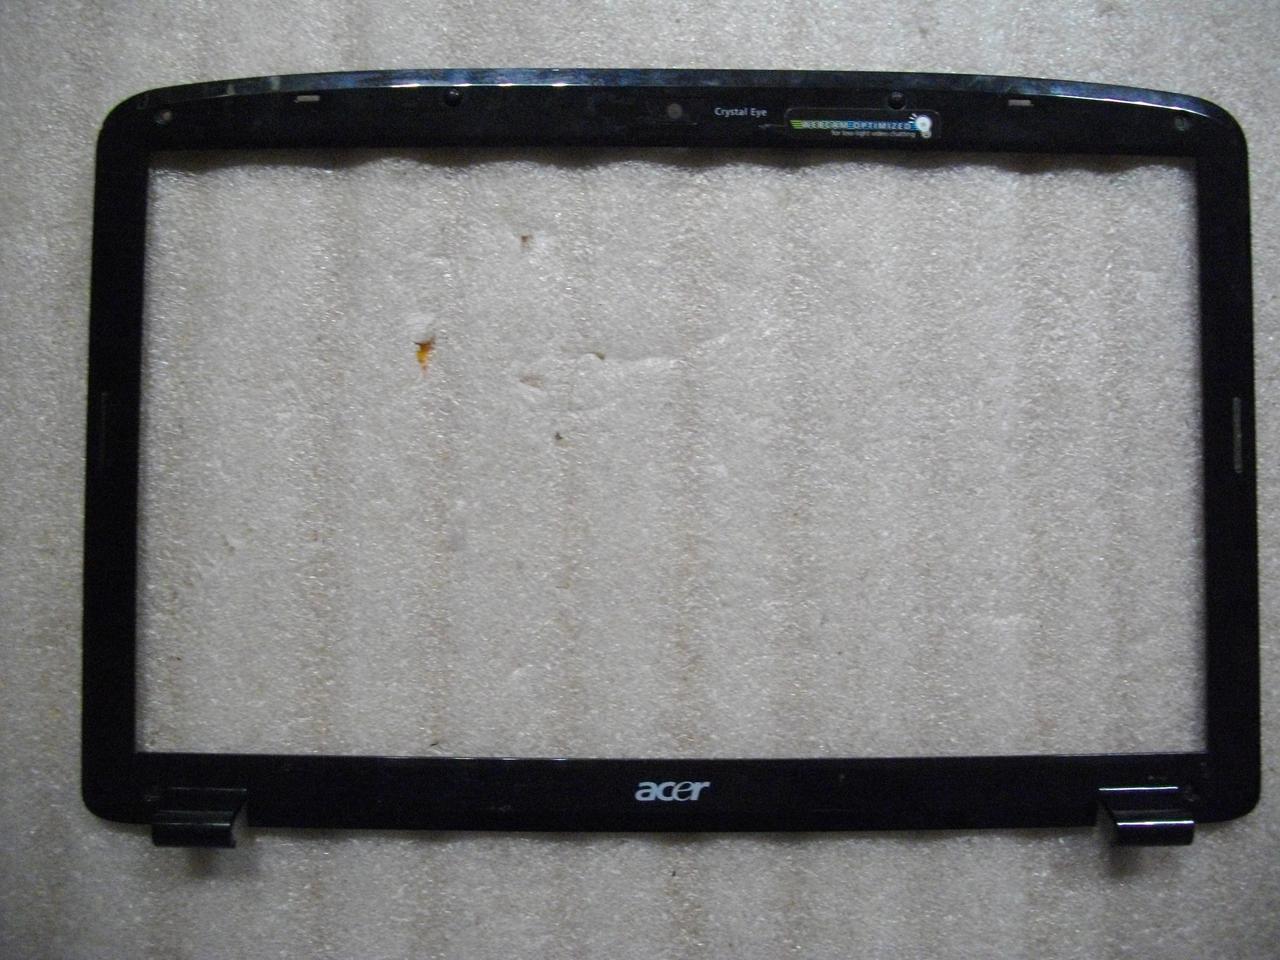 Корпус, Оригинальный, Рамка матрицы экрана Acer Aspire 5738ZG, 5338, 5738, MS2264, WIS604CG4300309093016 бу